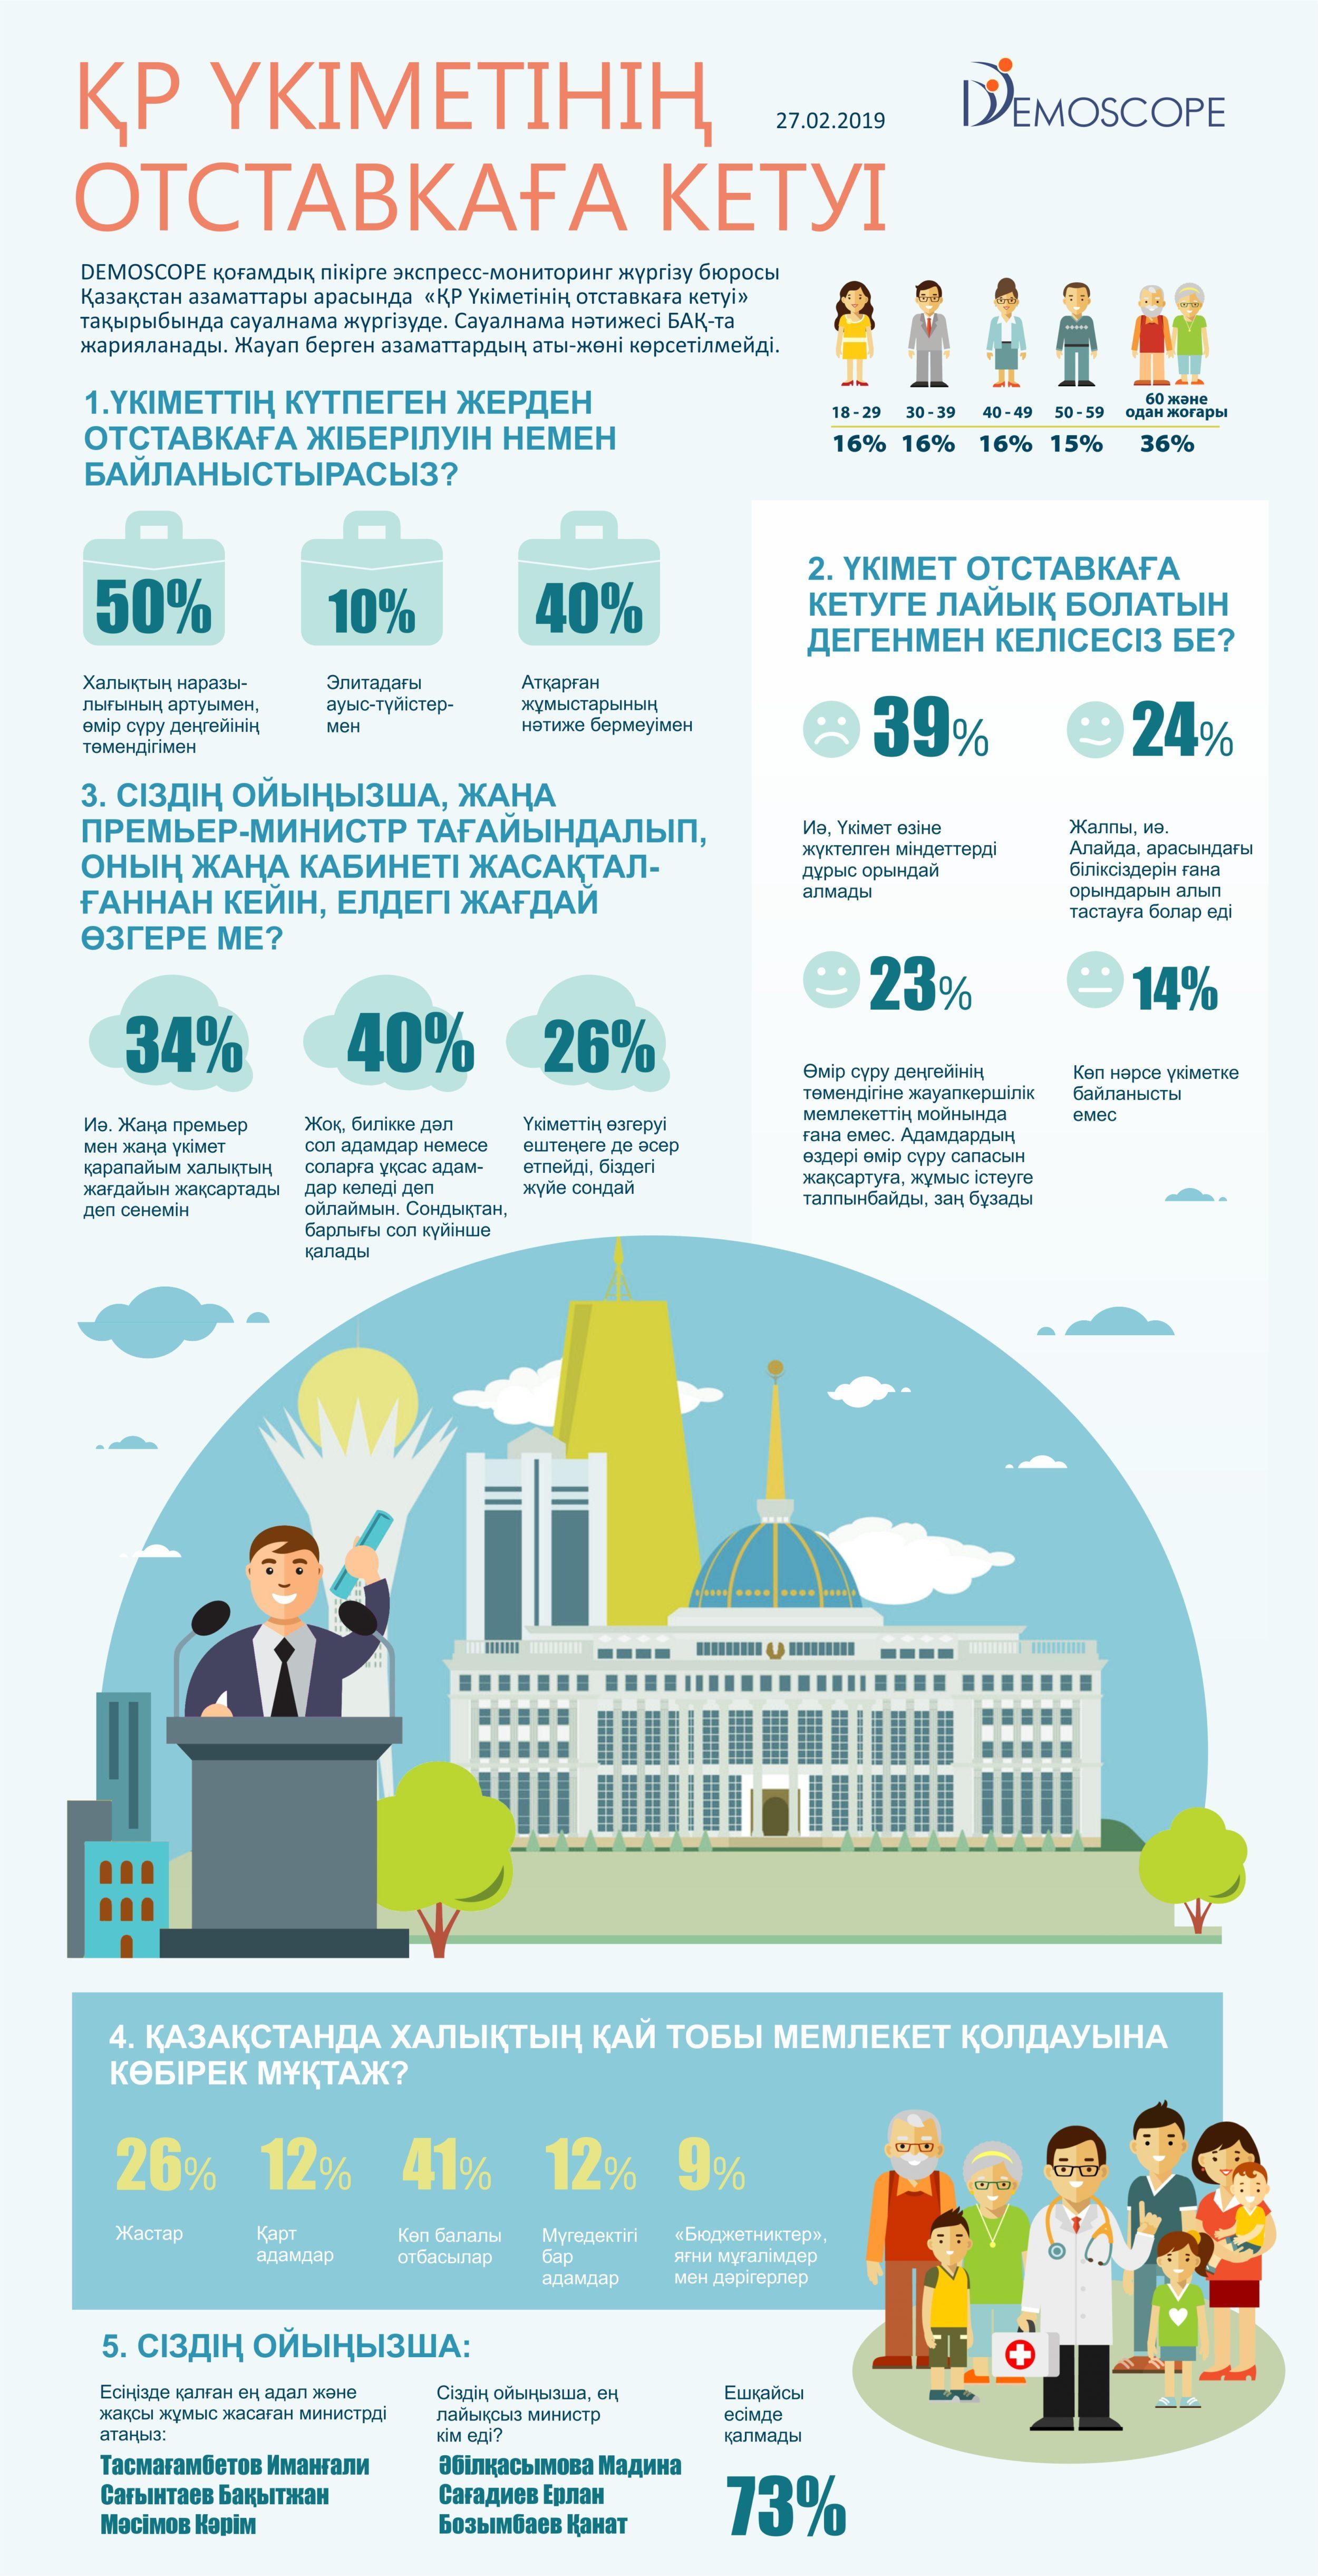 Инфографика Үкіметтің отставкасы туралы сауалнама